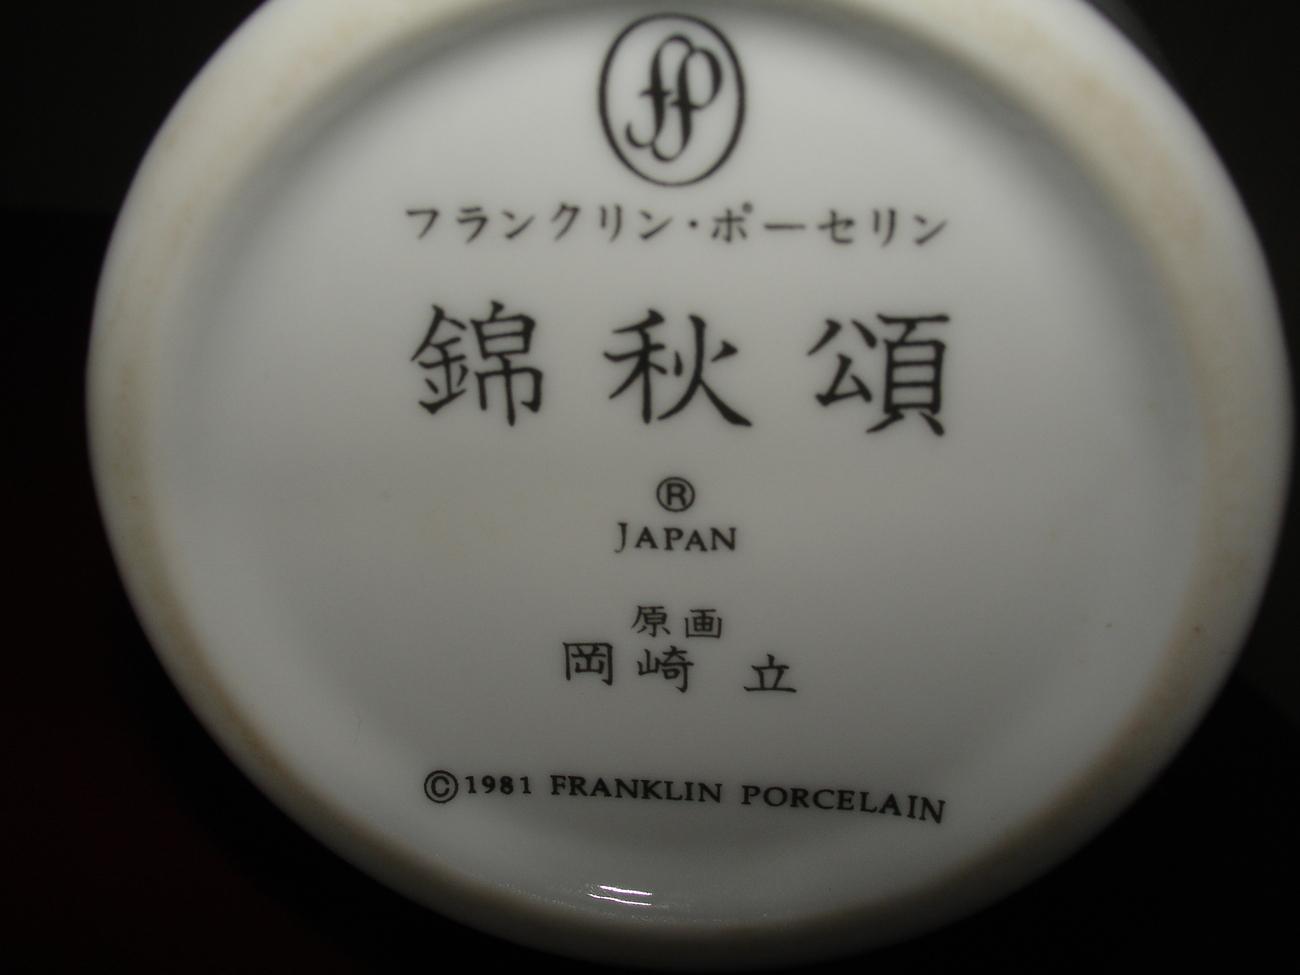 1981 Ryu Signed Japanese Maple Finch Porcelain Vase